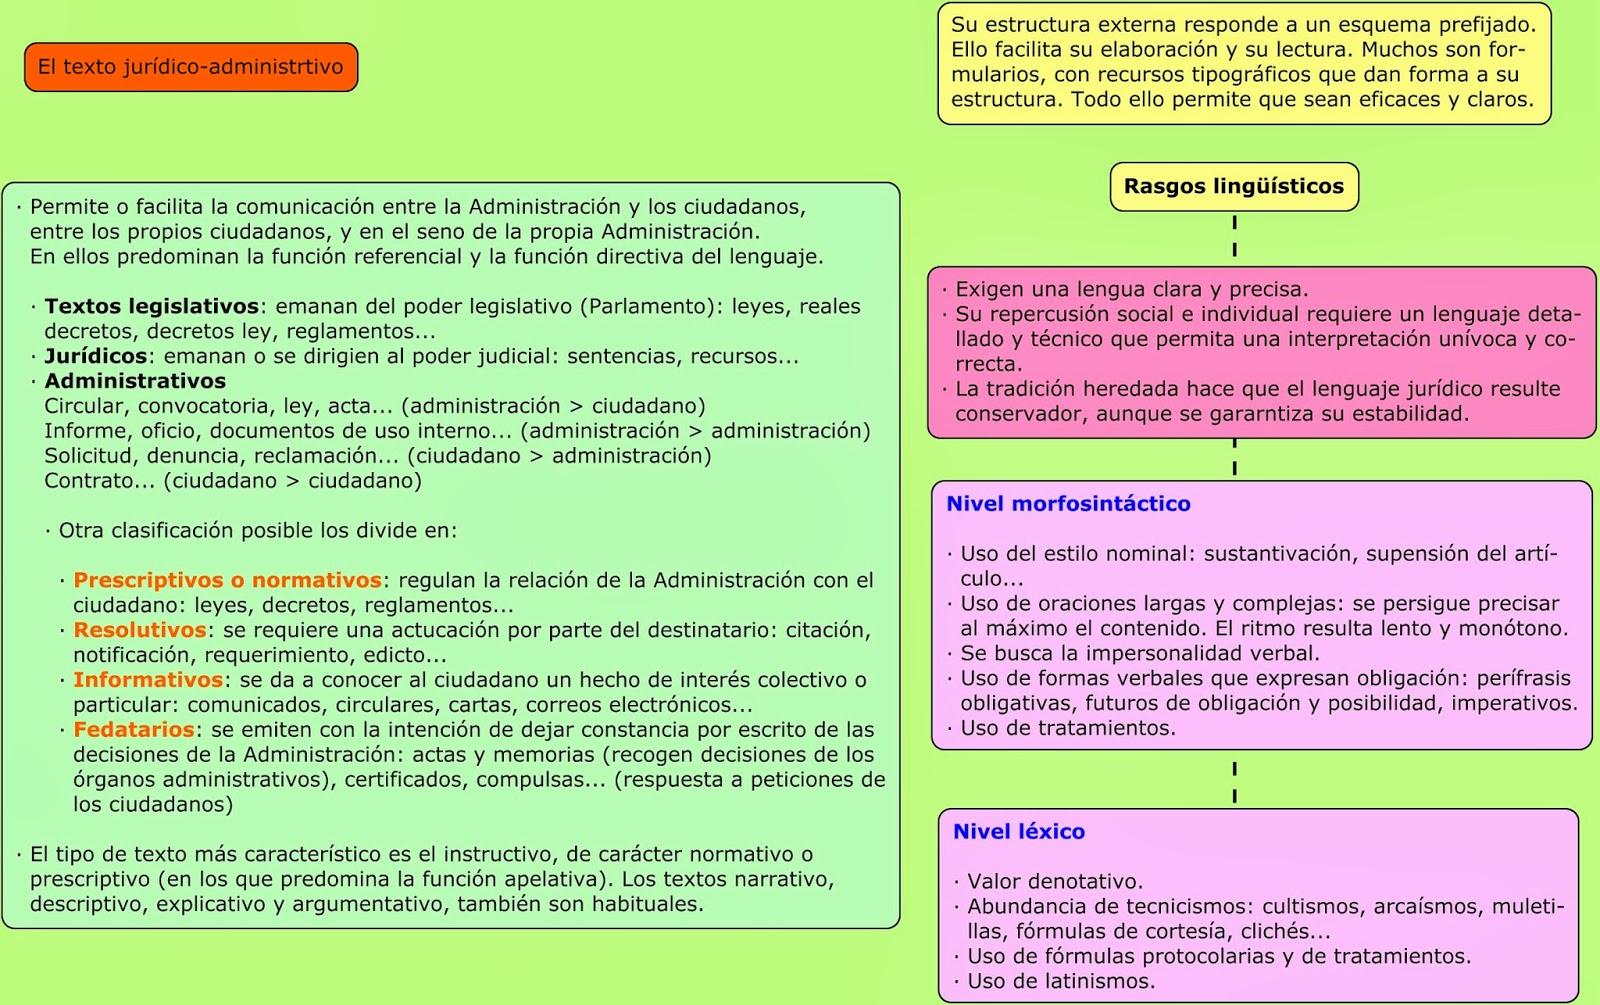 Alumnos En Red Ados El Texto Jurídico Adminsitrativo